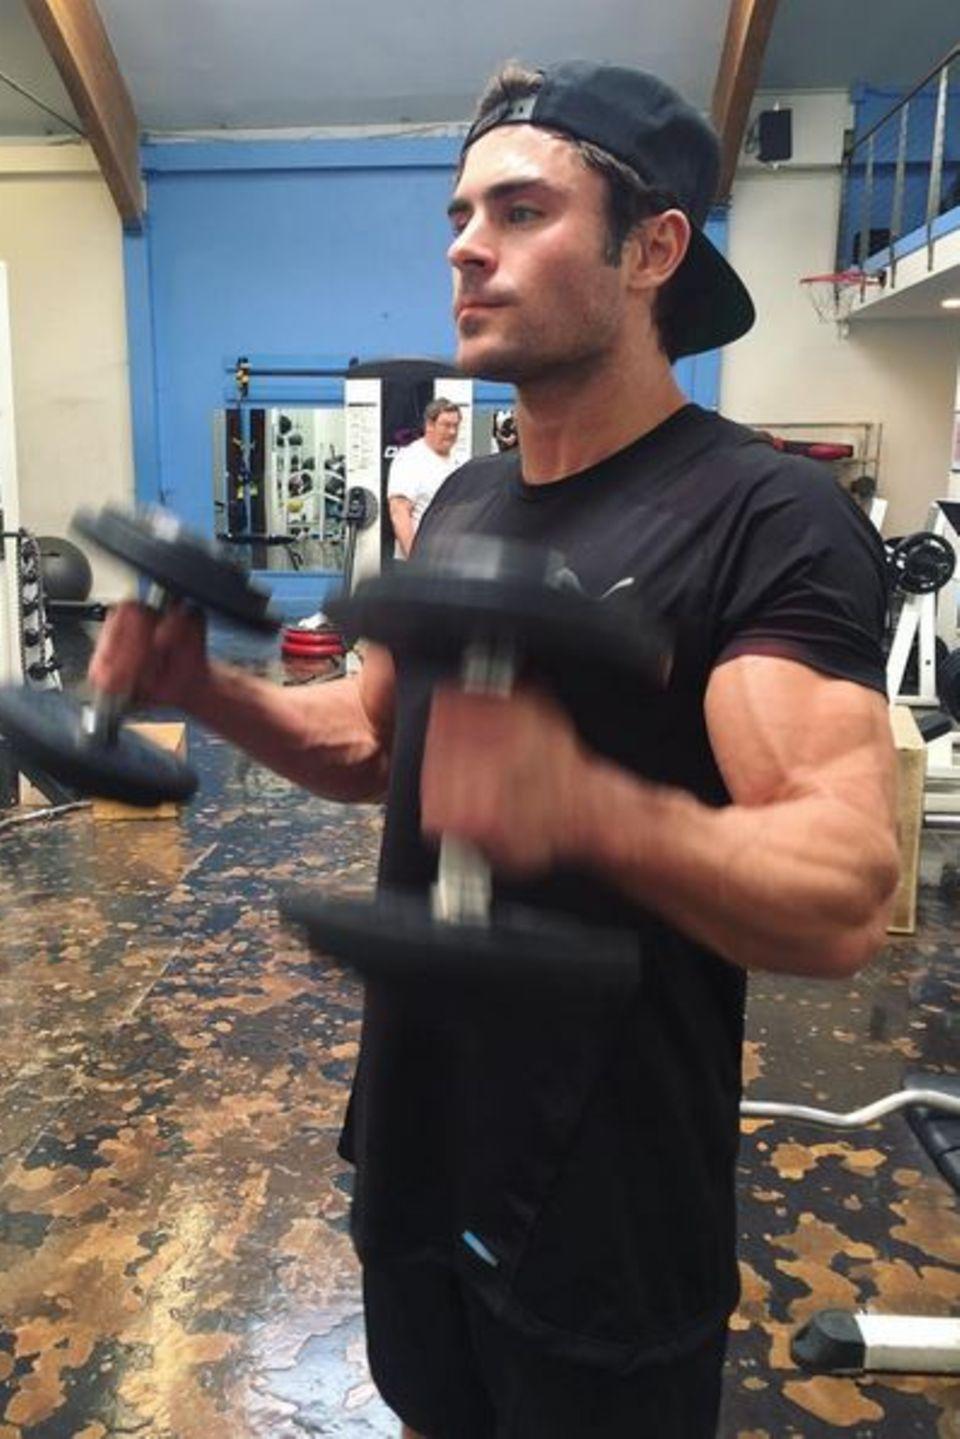 """Seine Zeiten als Milchbubi in """"High School Musical"""" sind definitiv gezählt. Seit einigen Wochen arbeitet Zac Efron nun an seinem Körper. Nicht mehr lange und seine Oberarme sprengen sicherlich seine Shirts."""